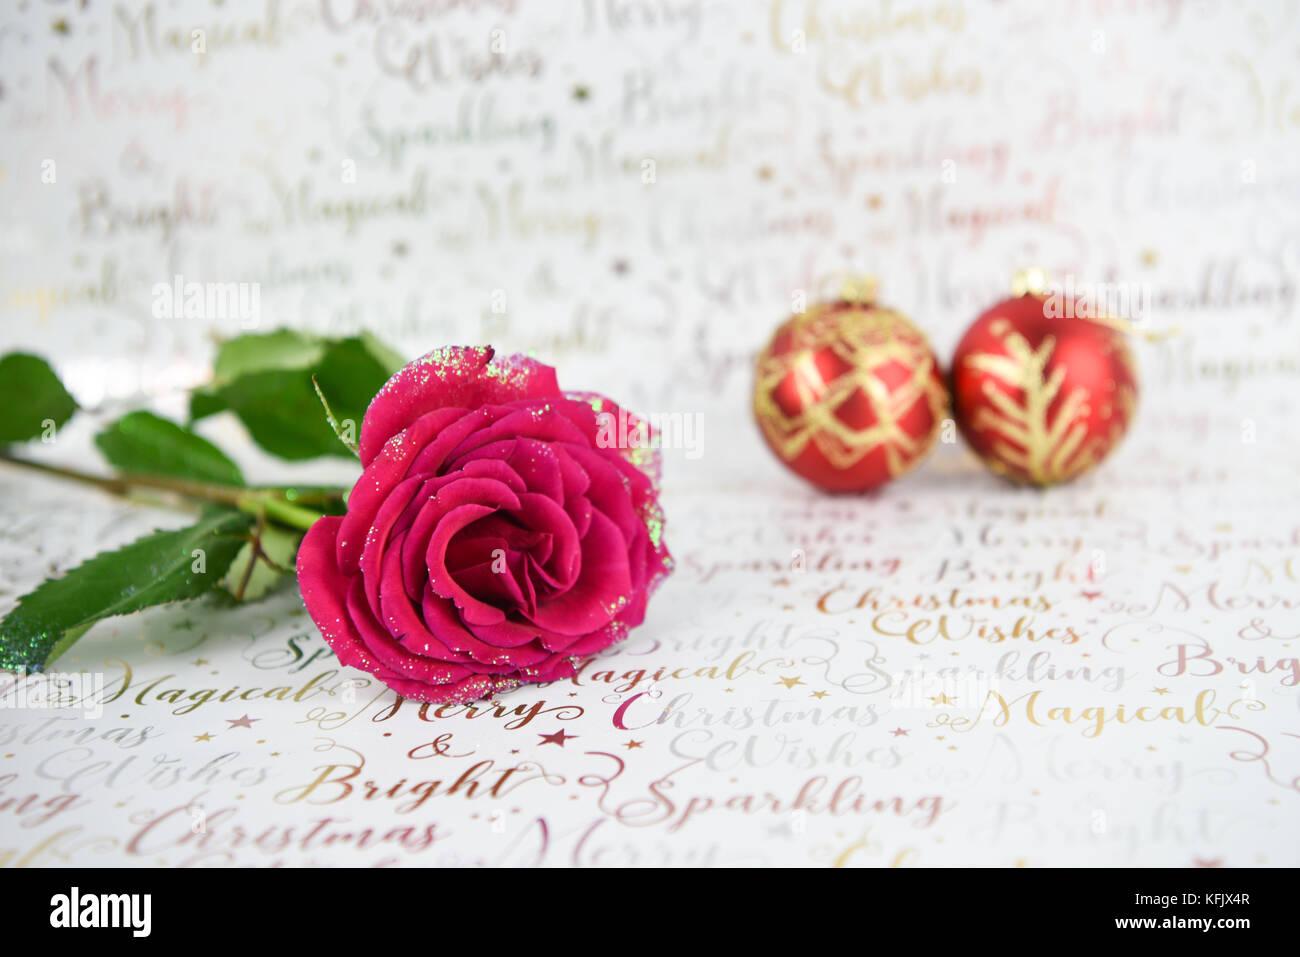 Weihnachten Fotografie Bild Mit Glitter Red Rose Blume Und Rot Gold